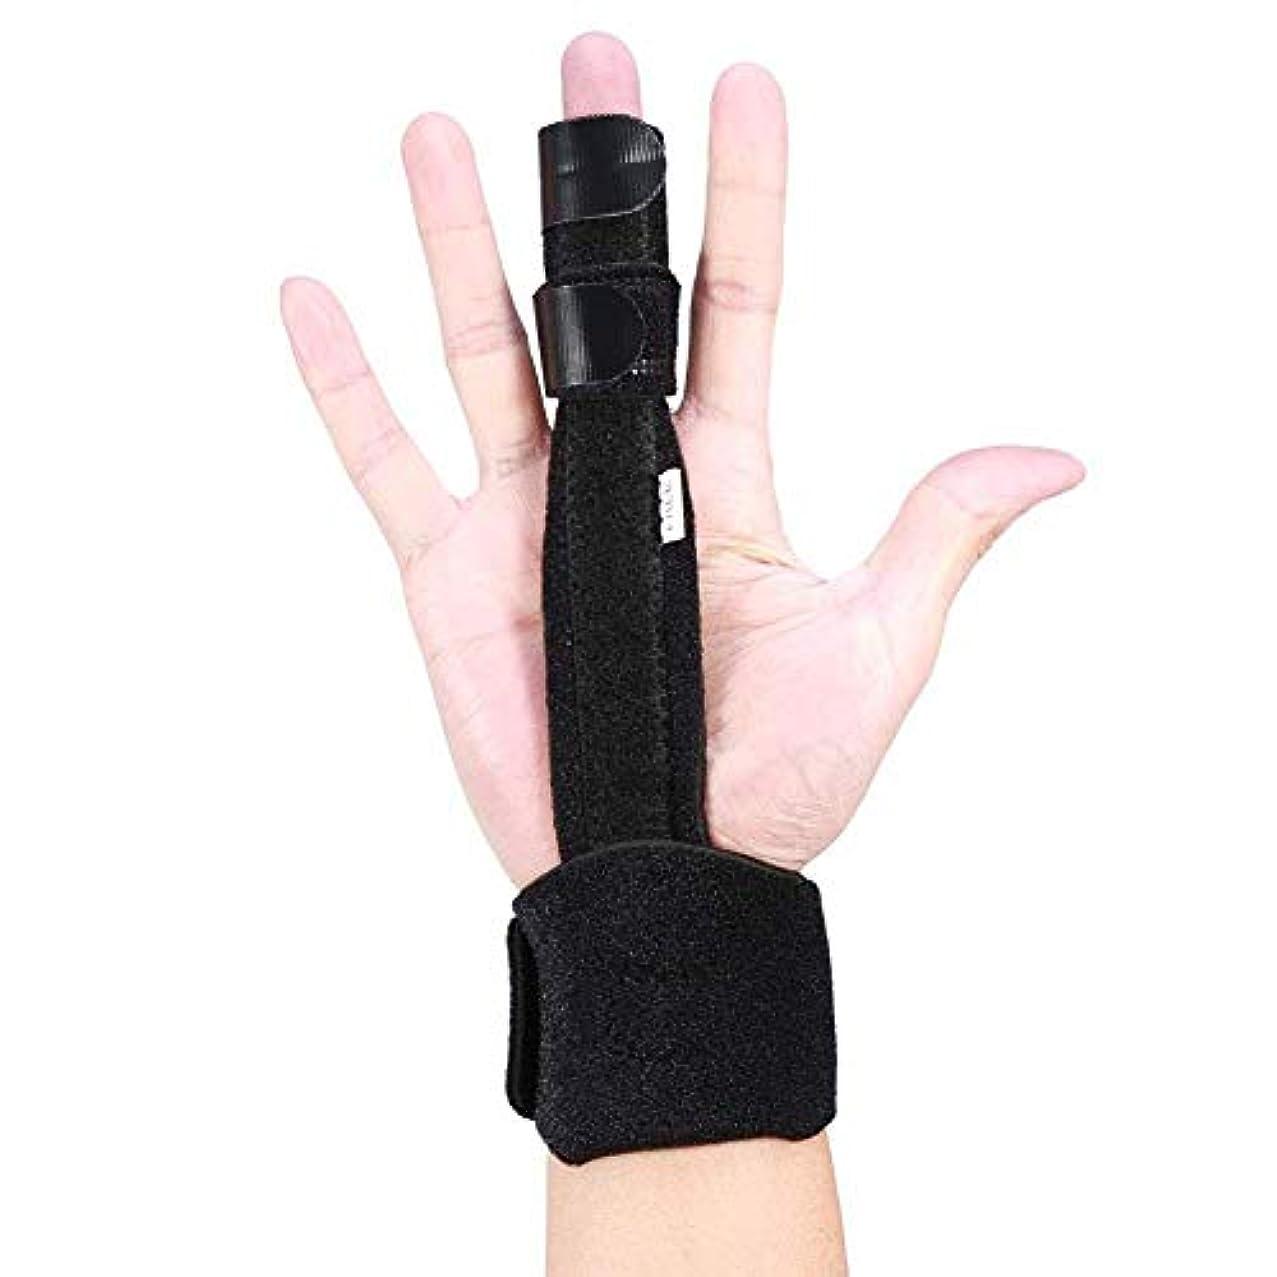 回復する冷凍庫一般的な指の負傷のサポート、調整可能なアルミニウム製の指の副木手サポートの回復サポート保護傷害の援助